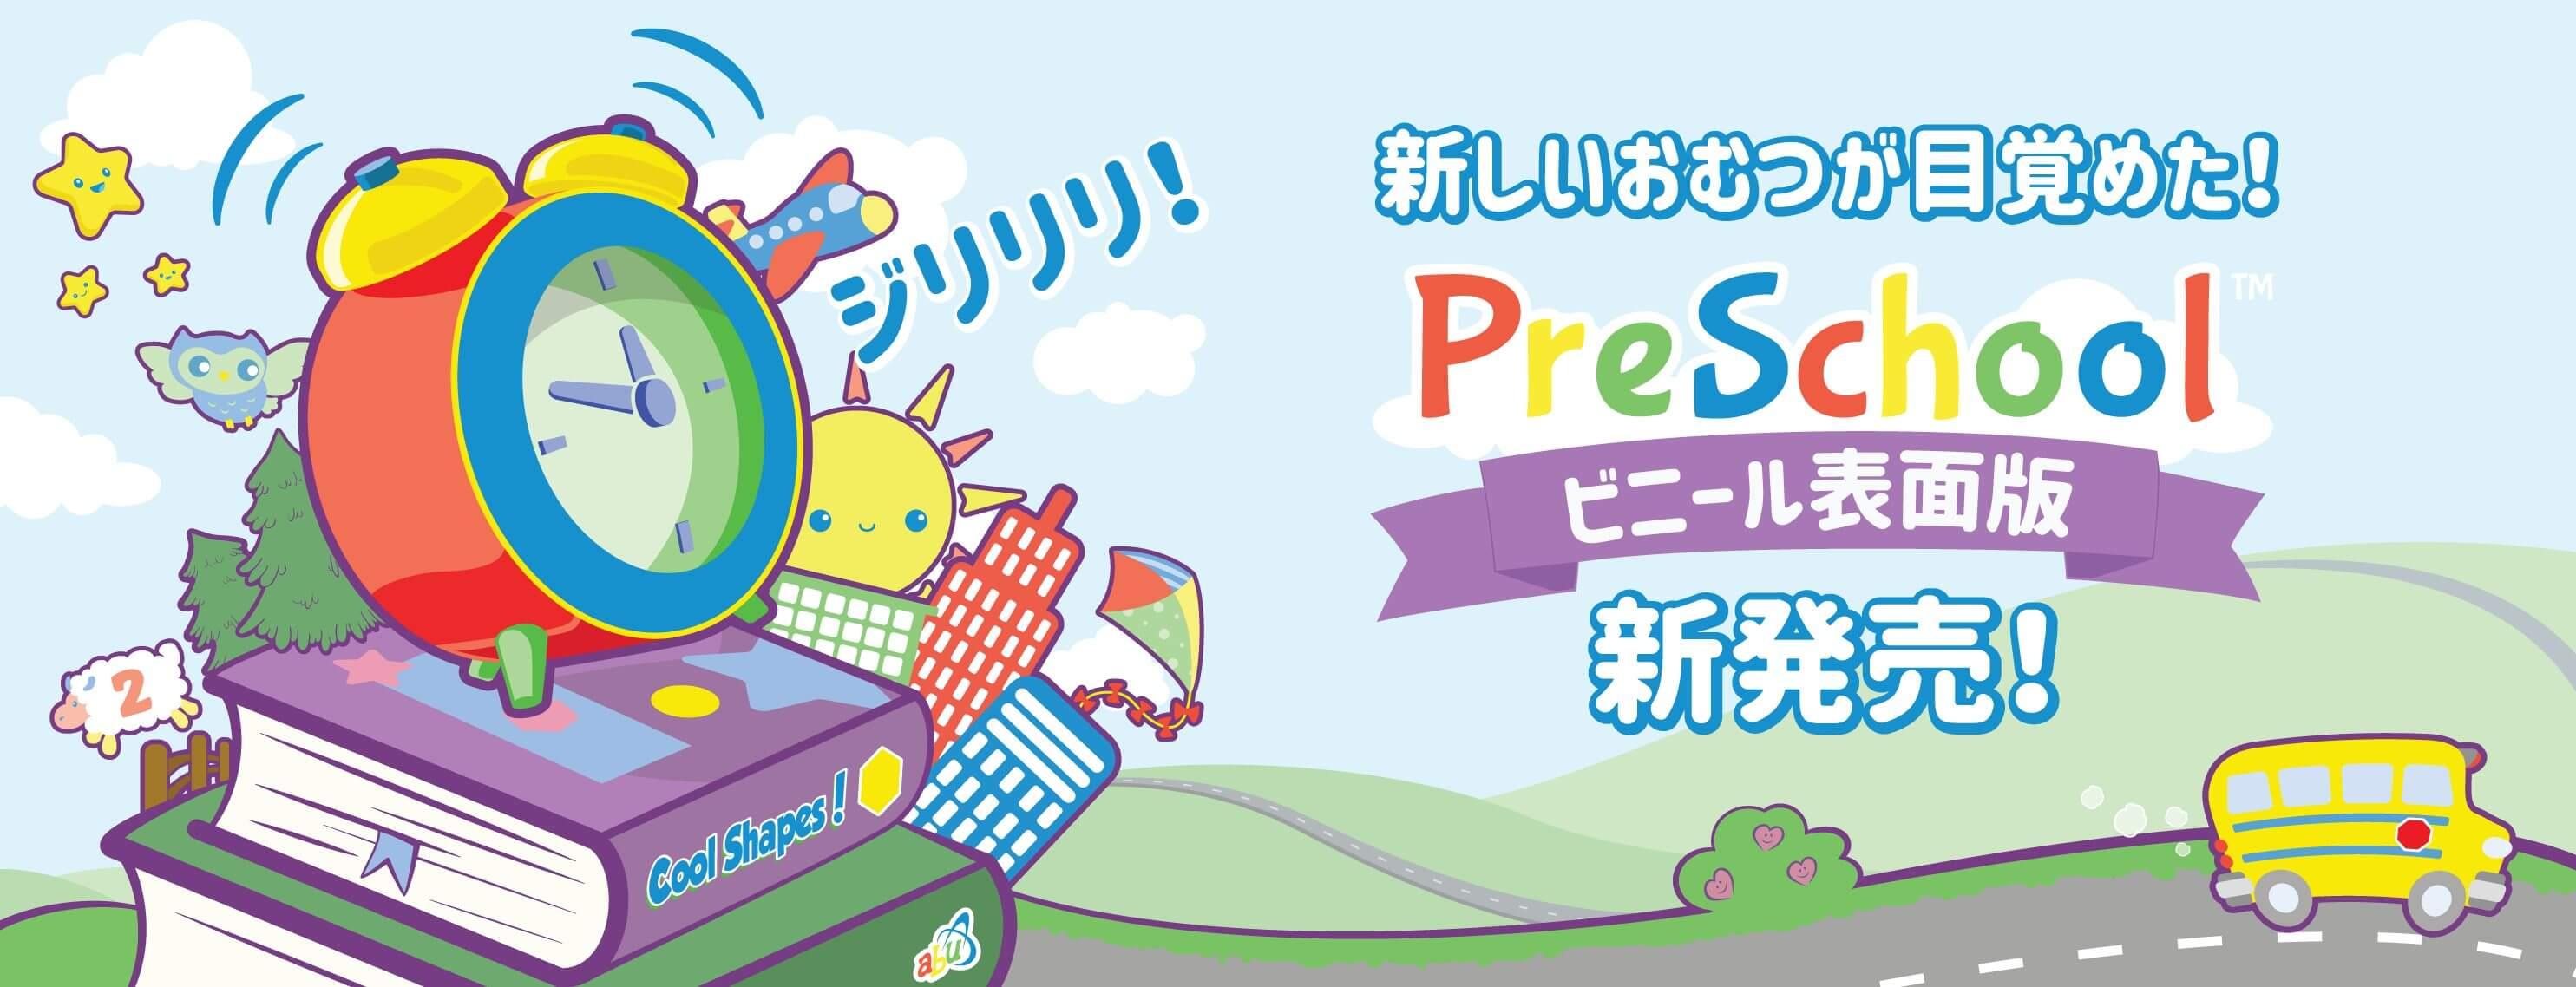 PreSchool Plastic Release Banner